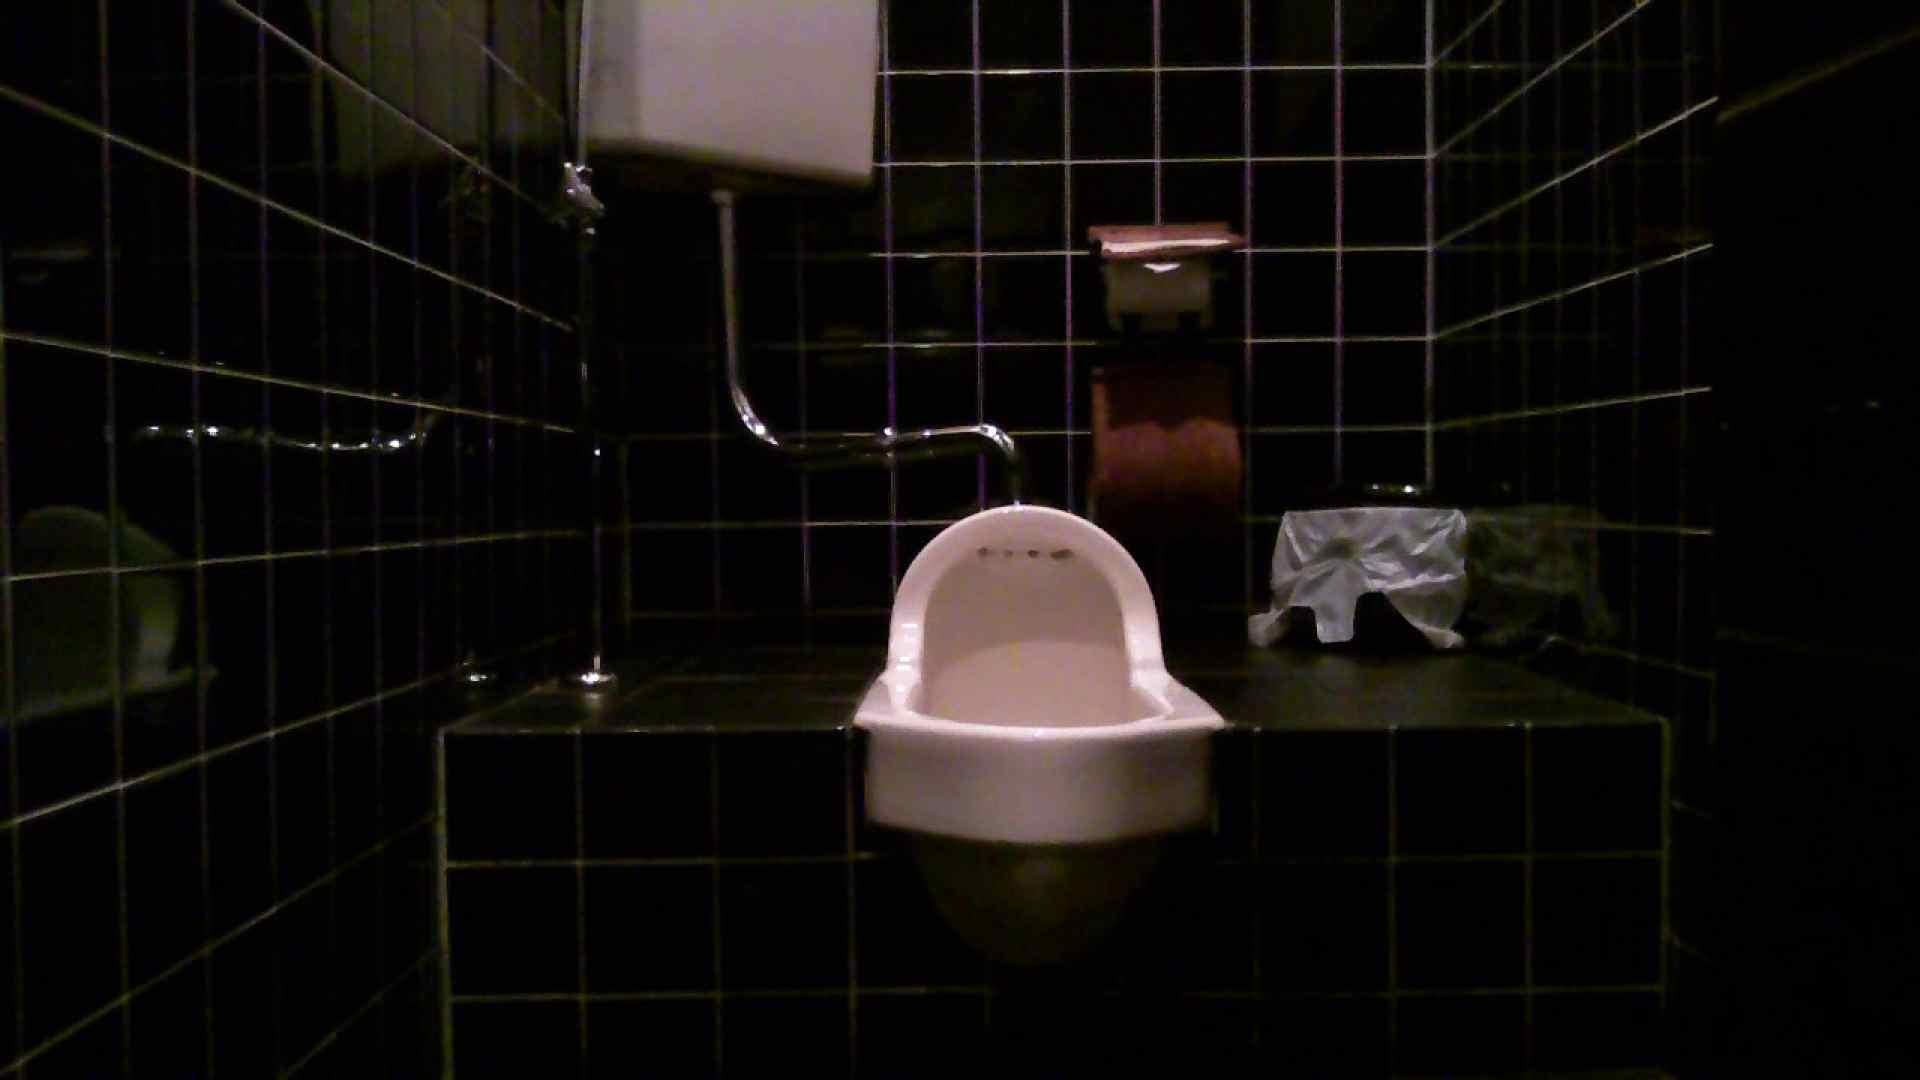 美女の集まる飲み屋洗面所 vol.05 美女 盗み撮りオマンコ動画キャプチャ 61pic 7